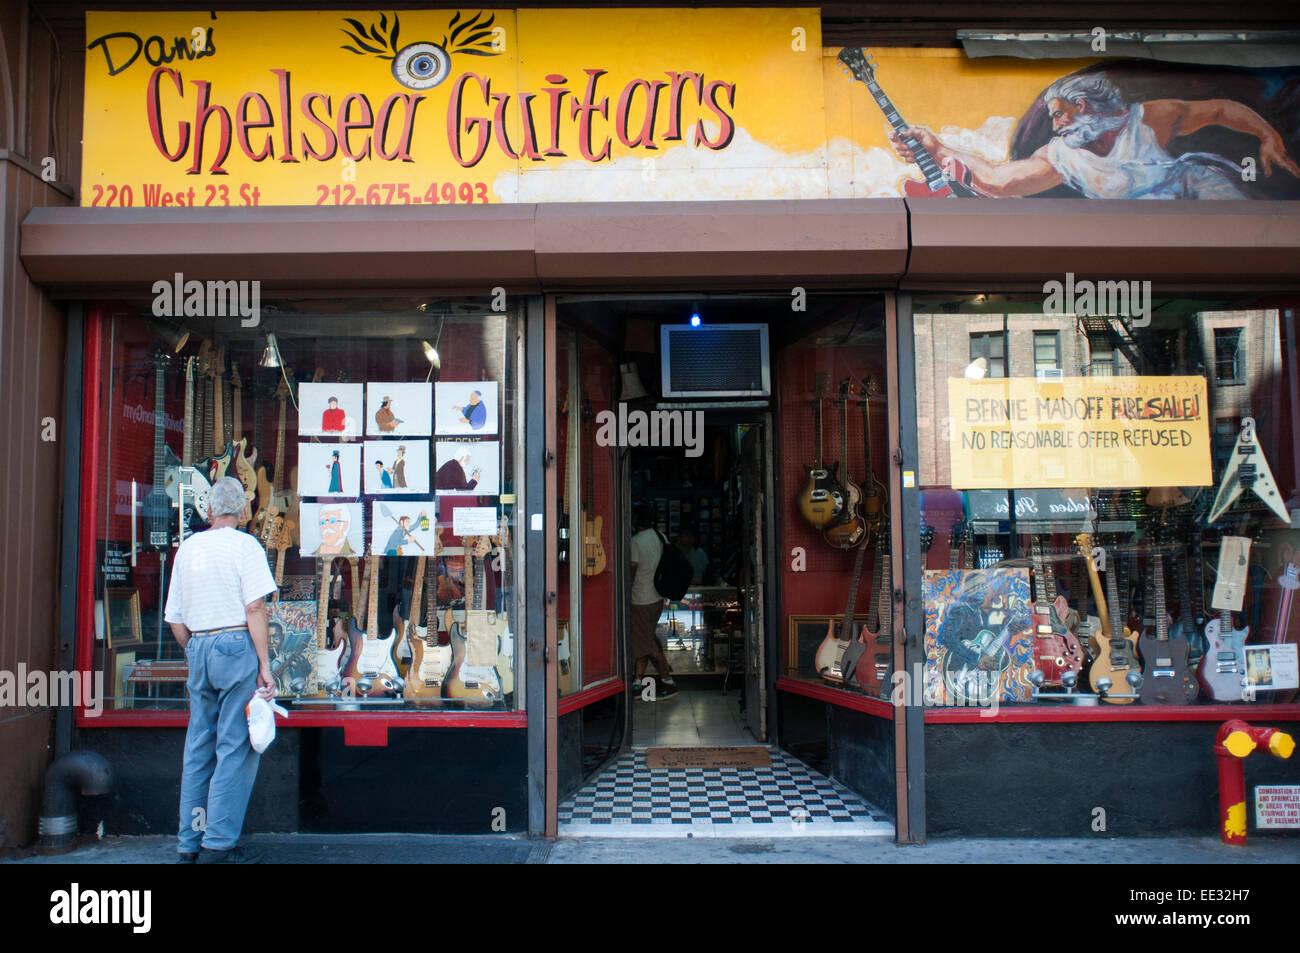 Chelsea guitar shop new york  USA  Dan's Chelsea Guitars  23th St